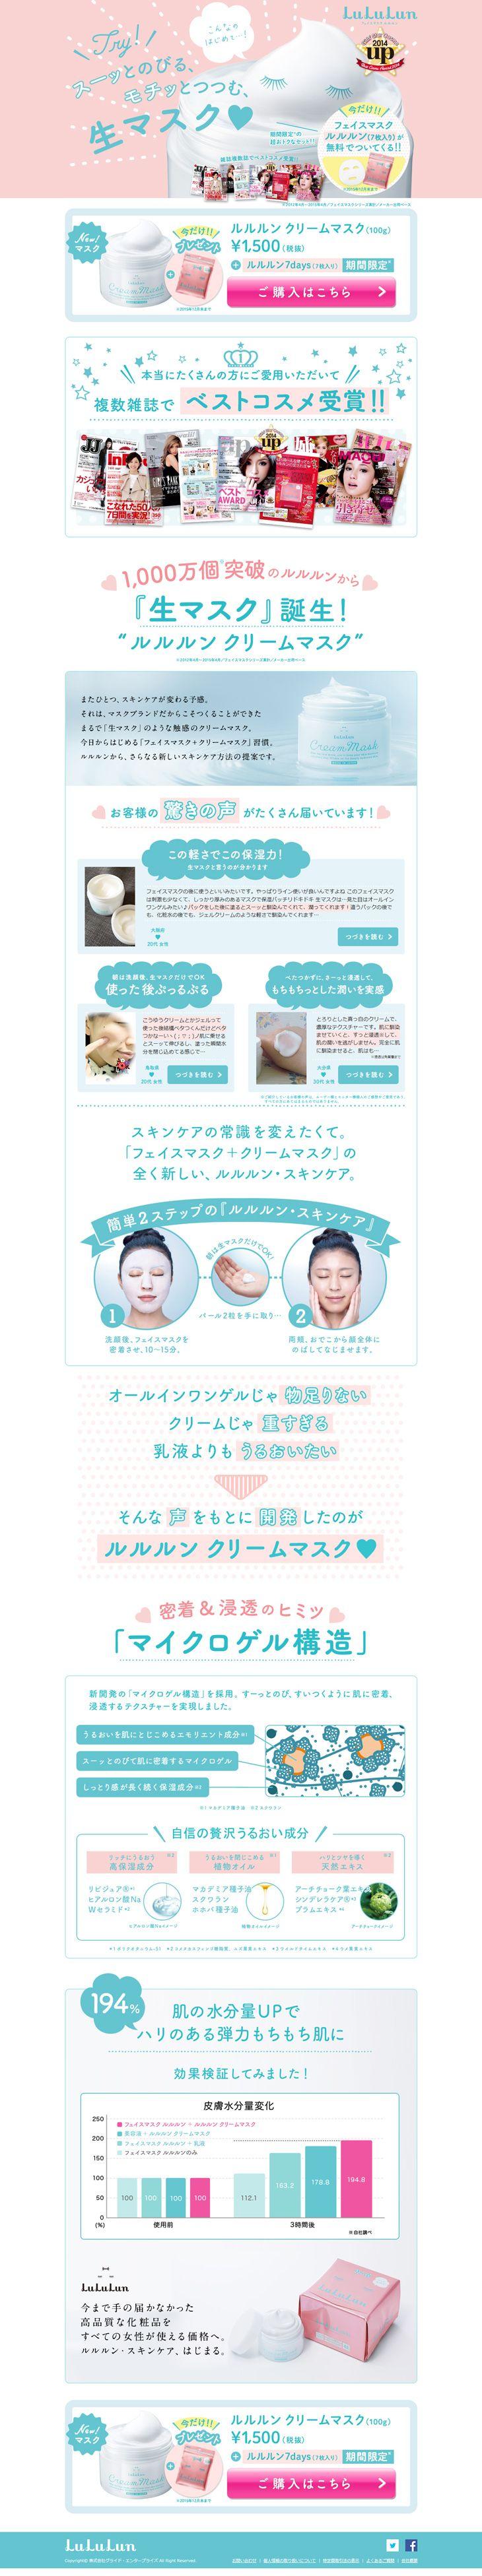 ランディングページ LP ルルルンクリームマスク|スキンケア・美容商品|自社サイト